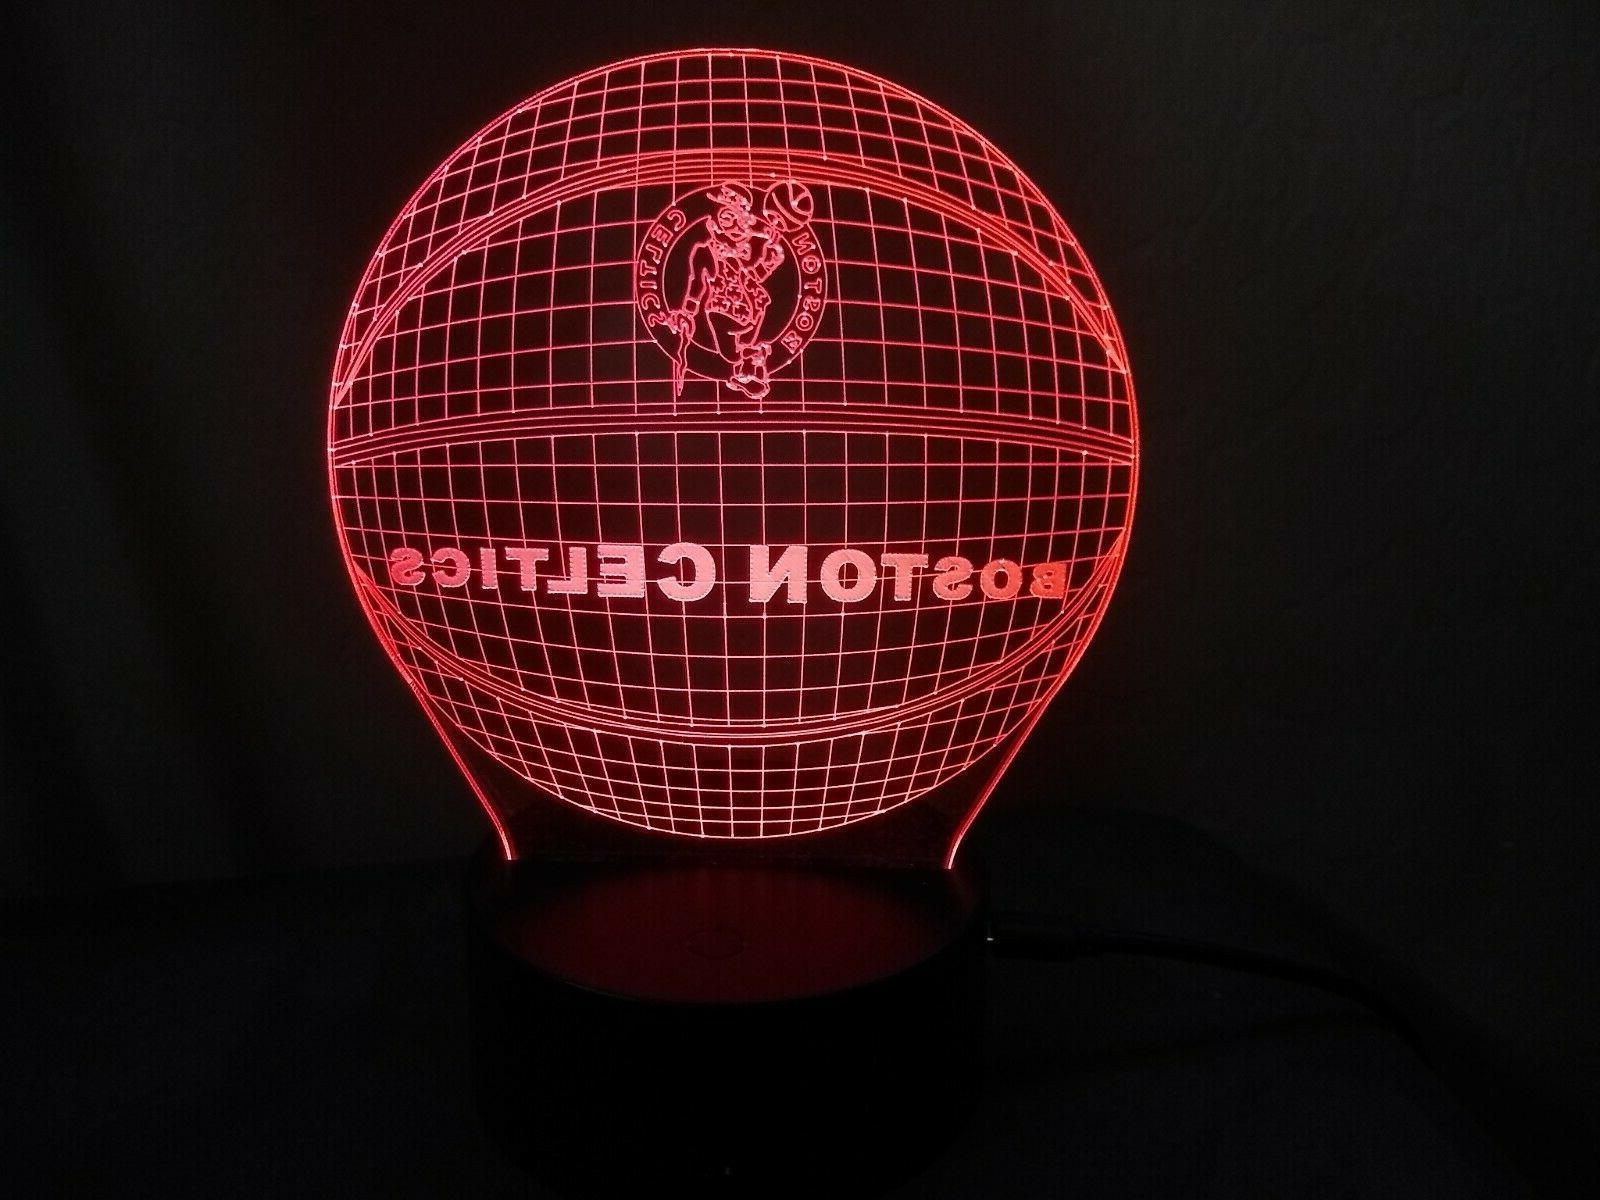 New Boston Celtics Multi Color LED Lamp / Night / Man Cave